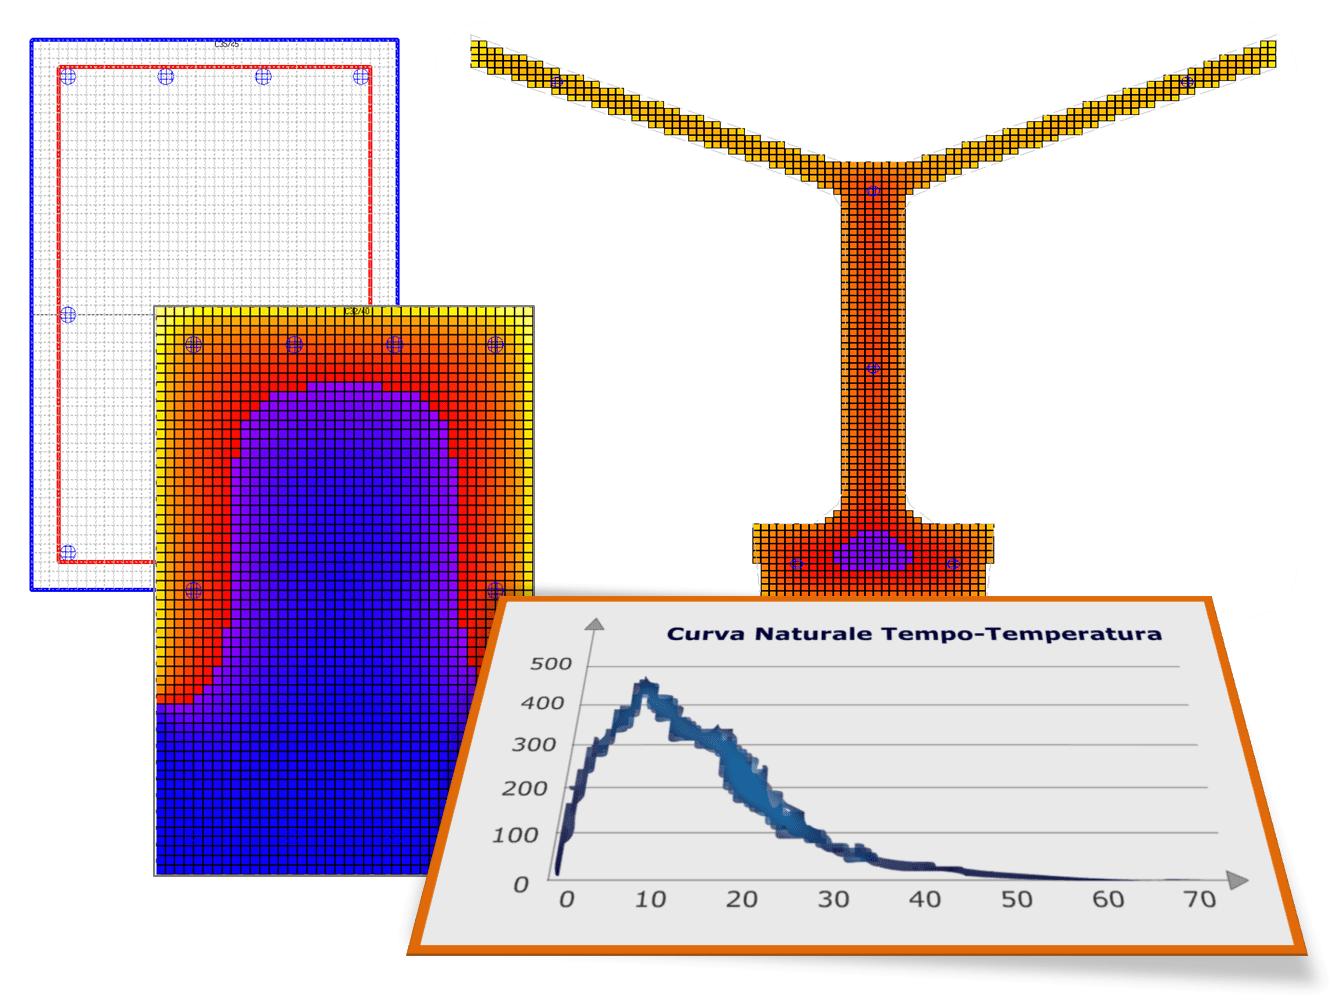 Software Calcolo Resistenza al Fuoco Strutture - CPI win REI - Curve naturali d'incendio e mappatura termica